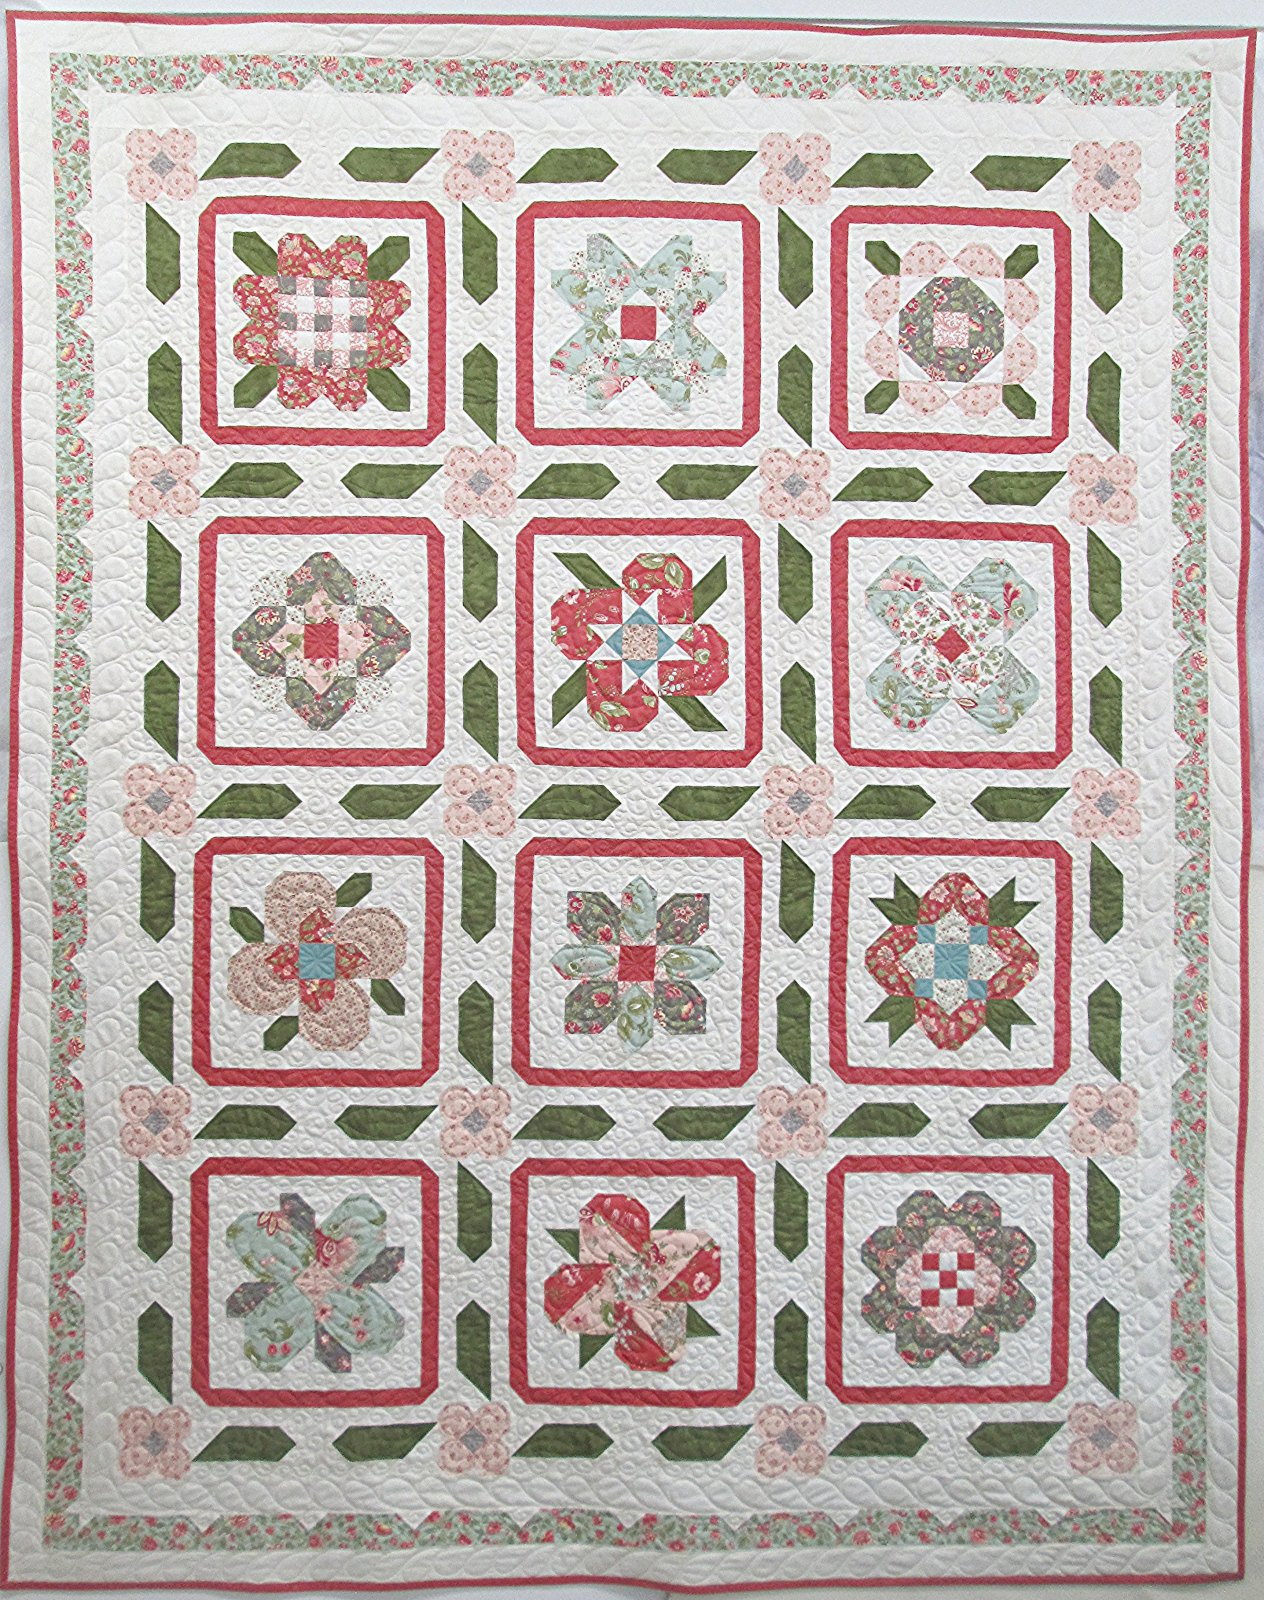 Porcelain Garden Sampler Quilt Sample 70.5 x 88